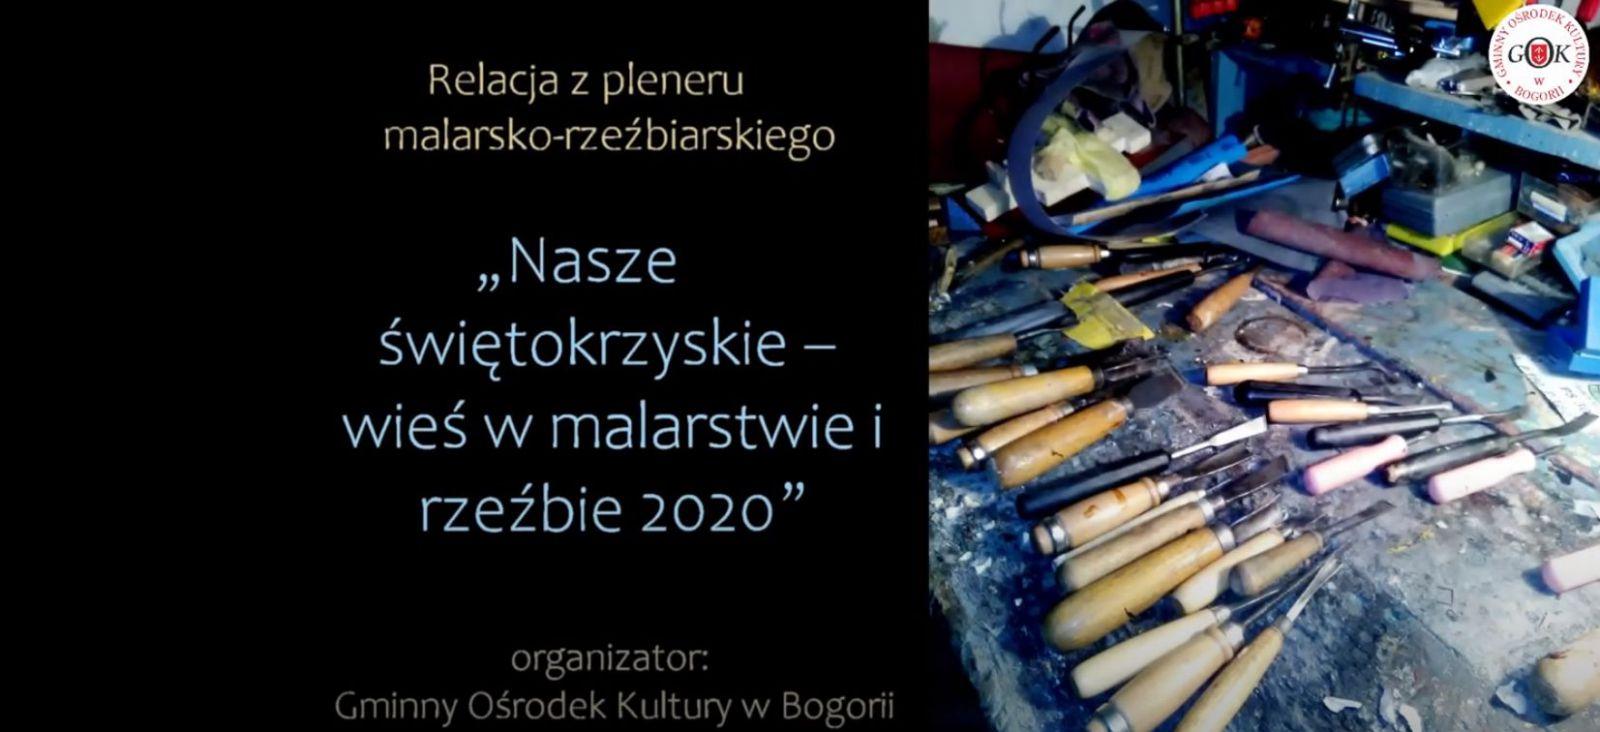 Relacja plener rzeźbiarski - 17.07.2020 r.